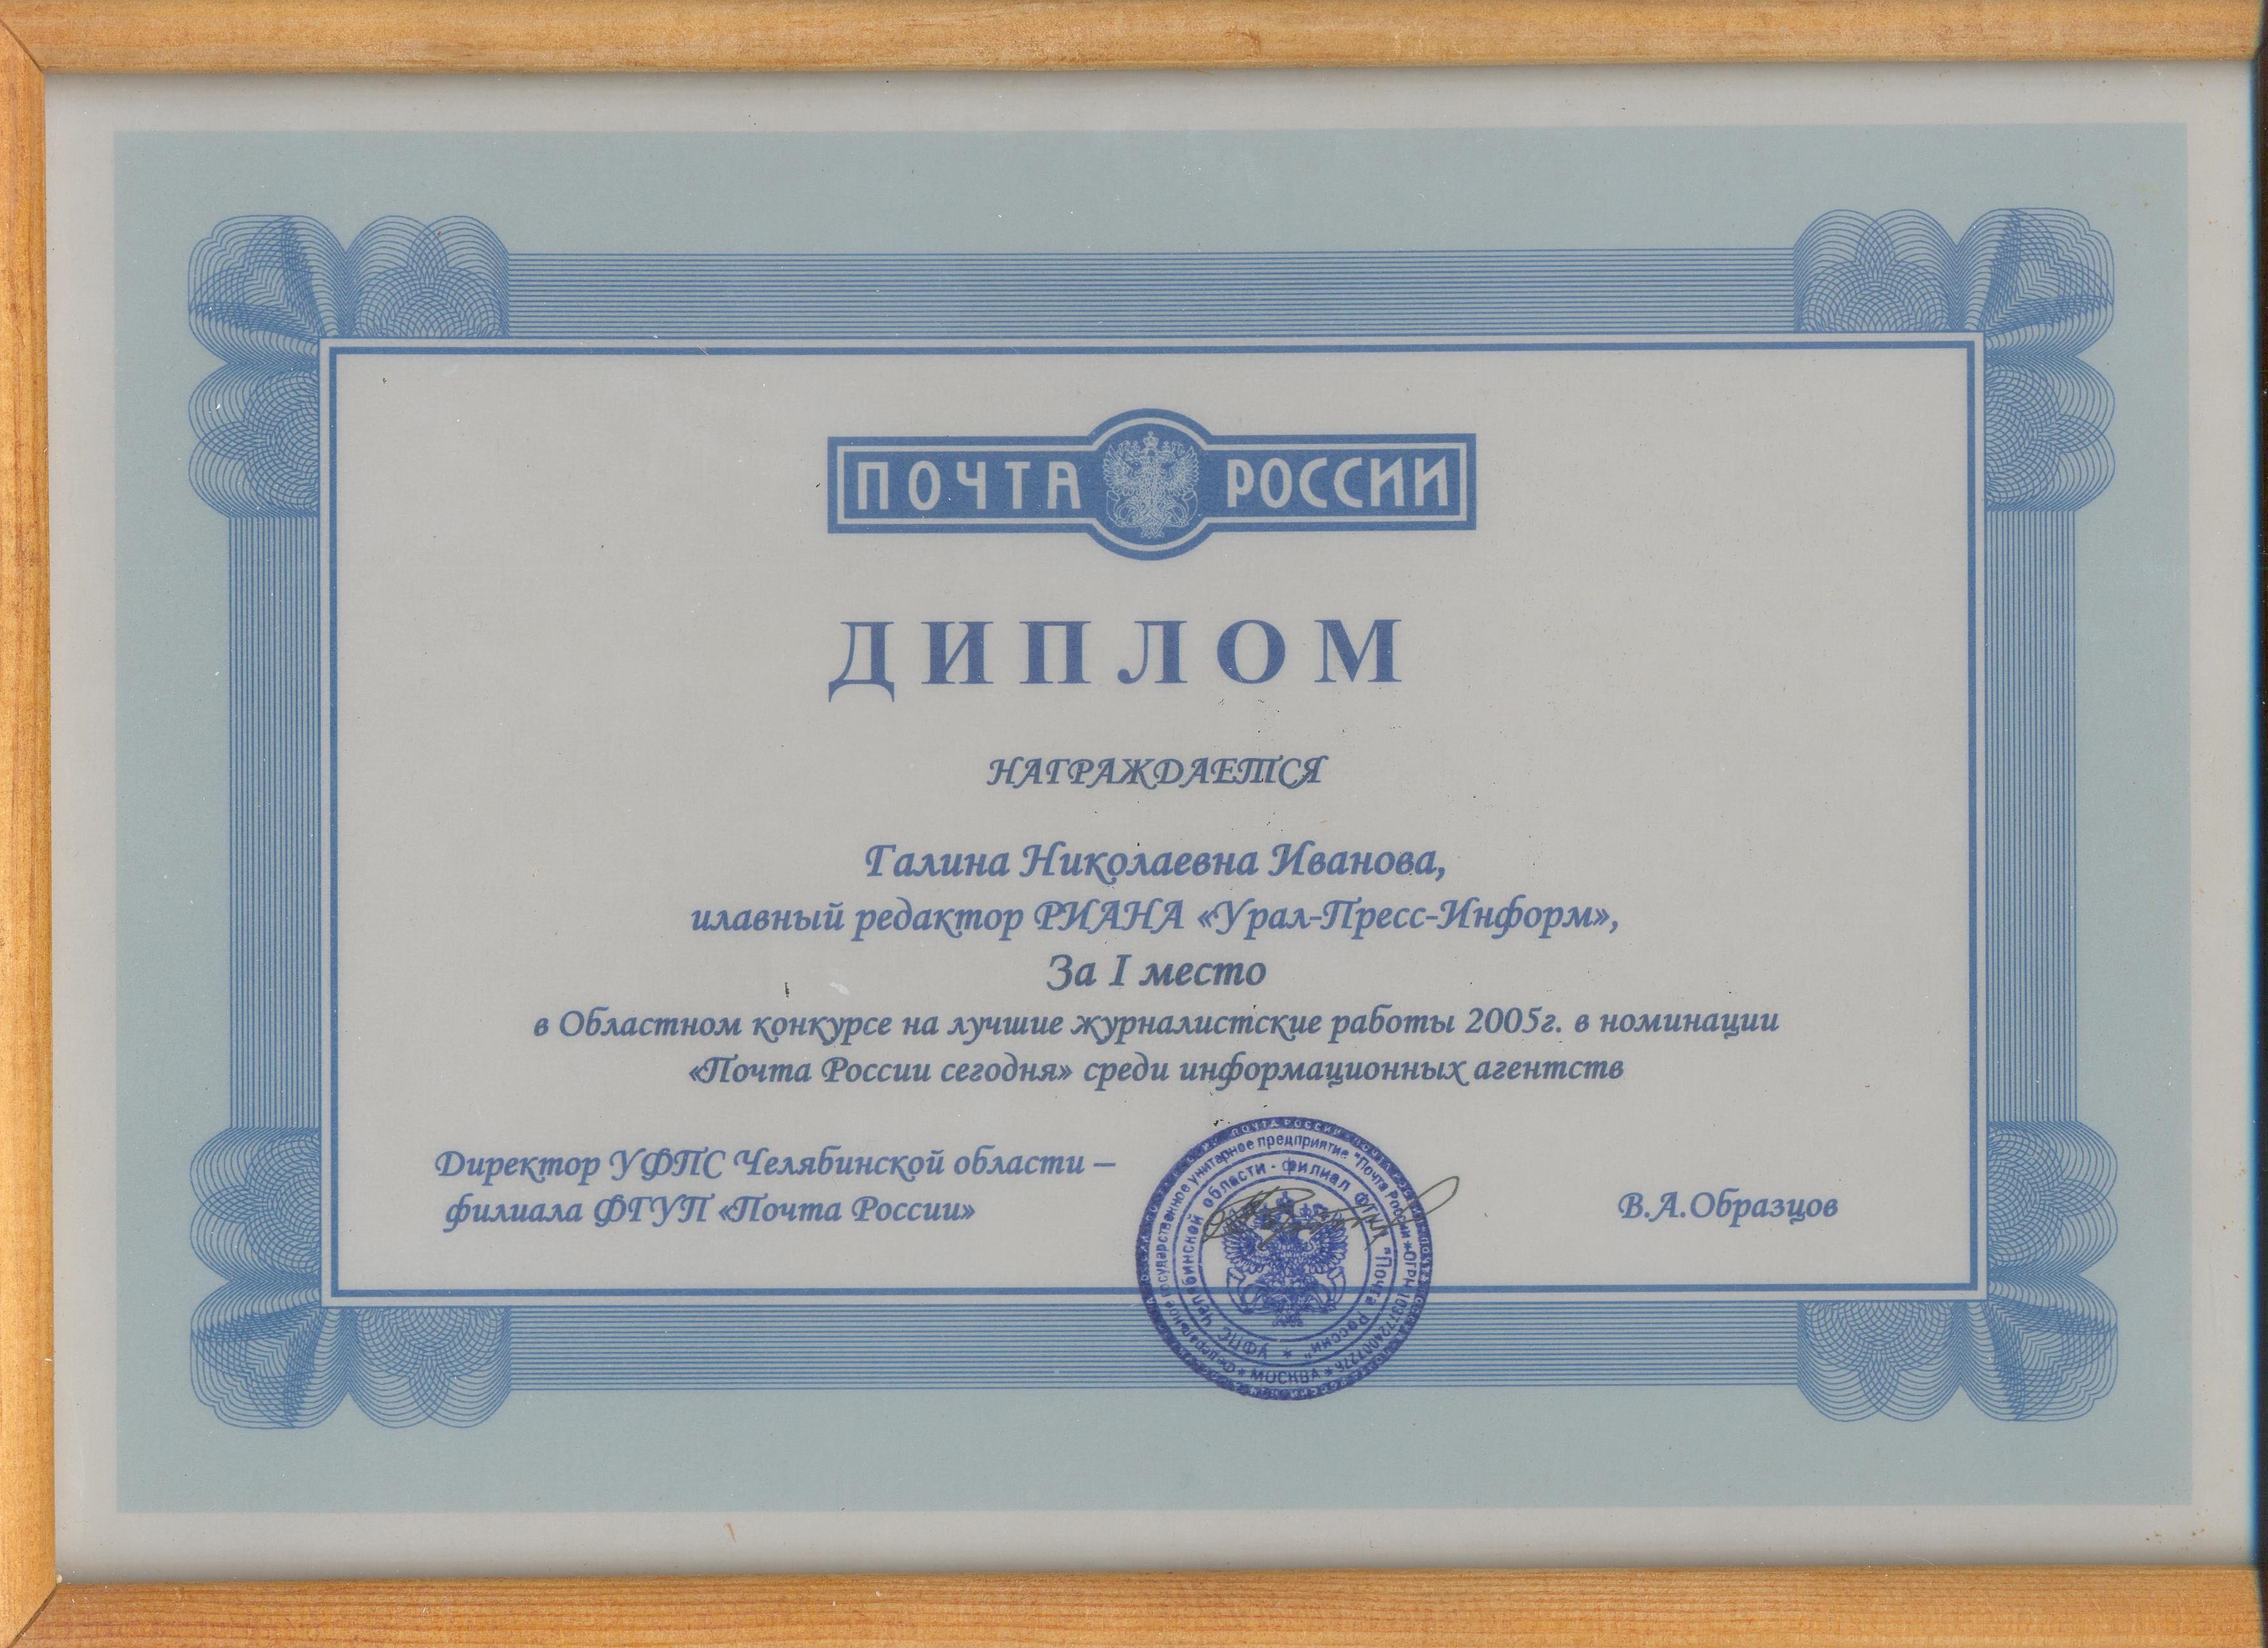 2005   УФПС Челябинской области - филиал ФГУП «Почта России»